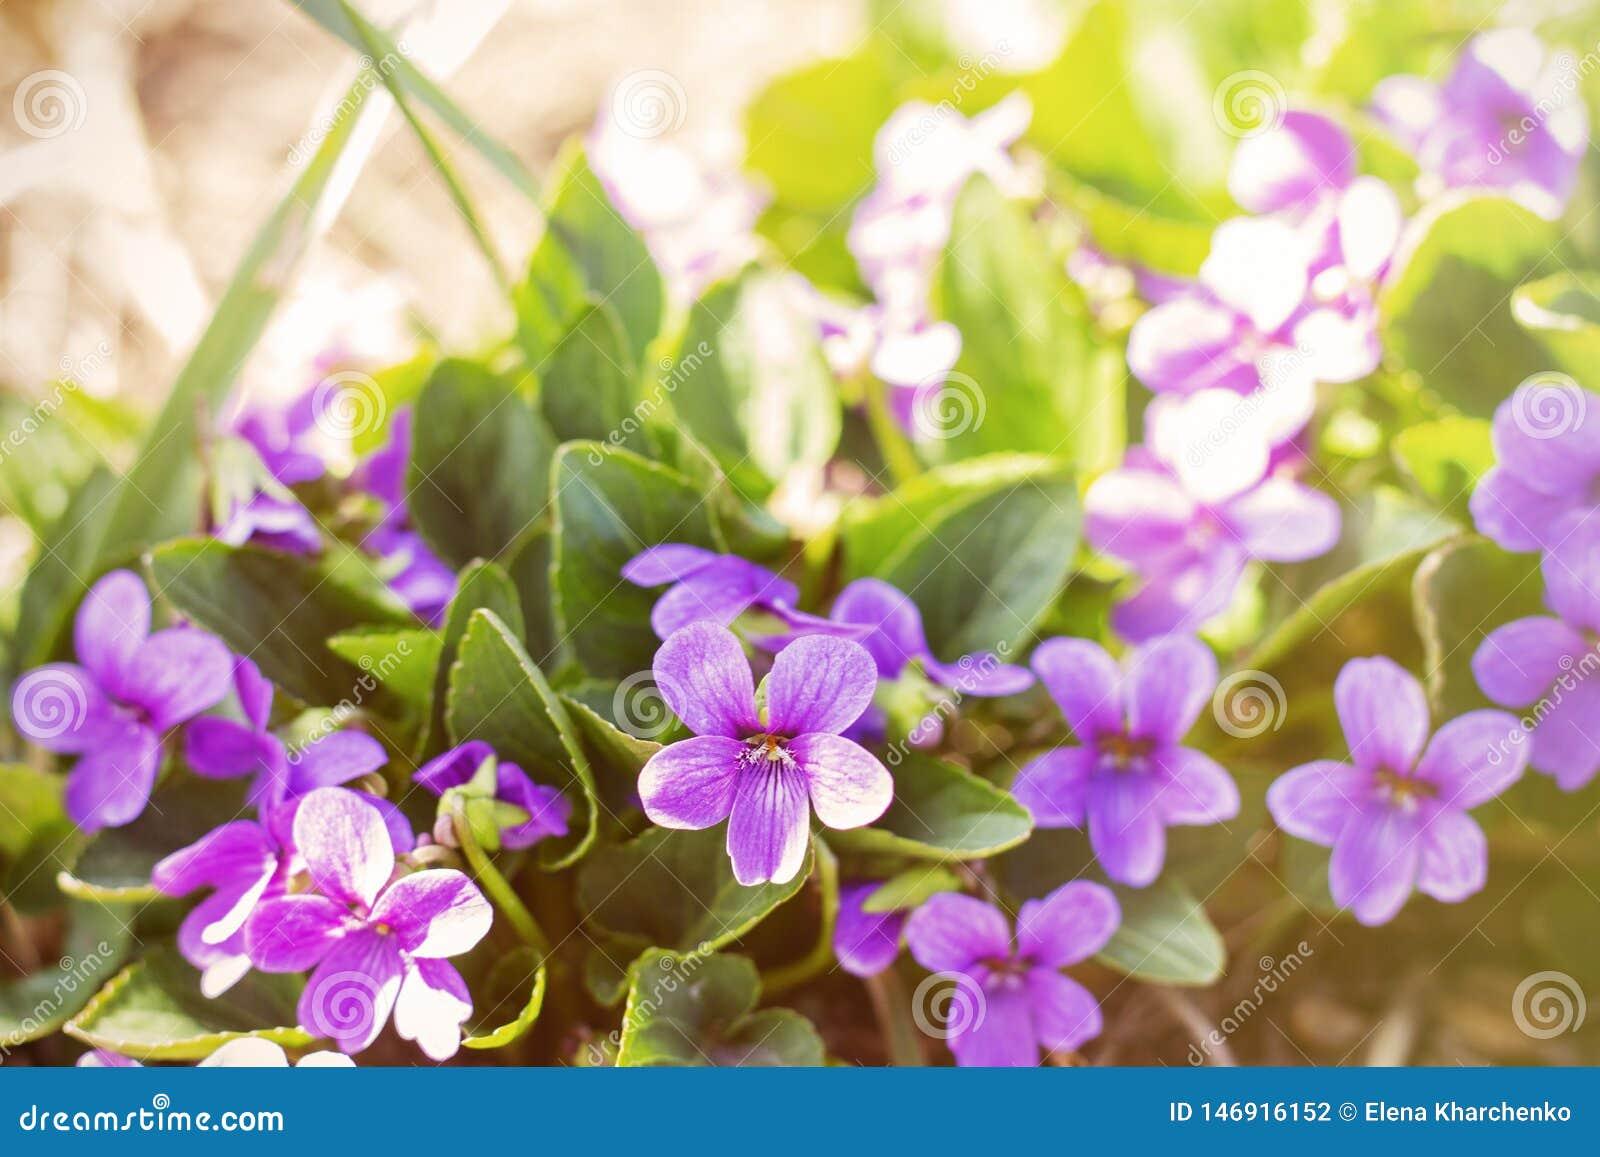 Flor da mola as flores roxas pequenas das primeiras flores